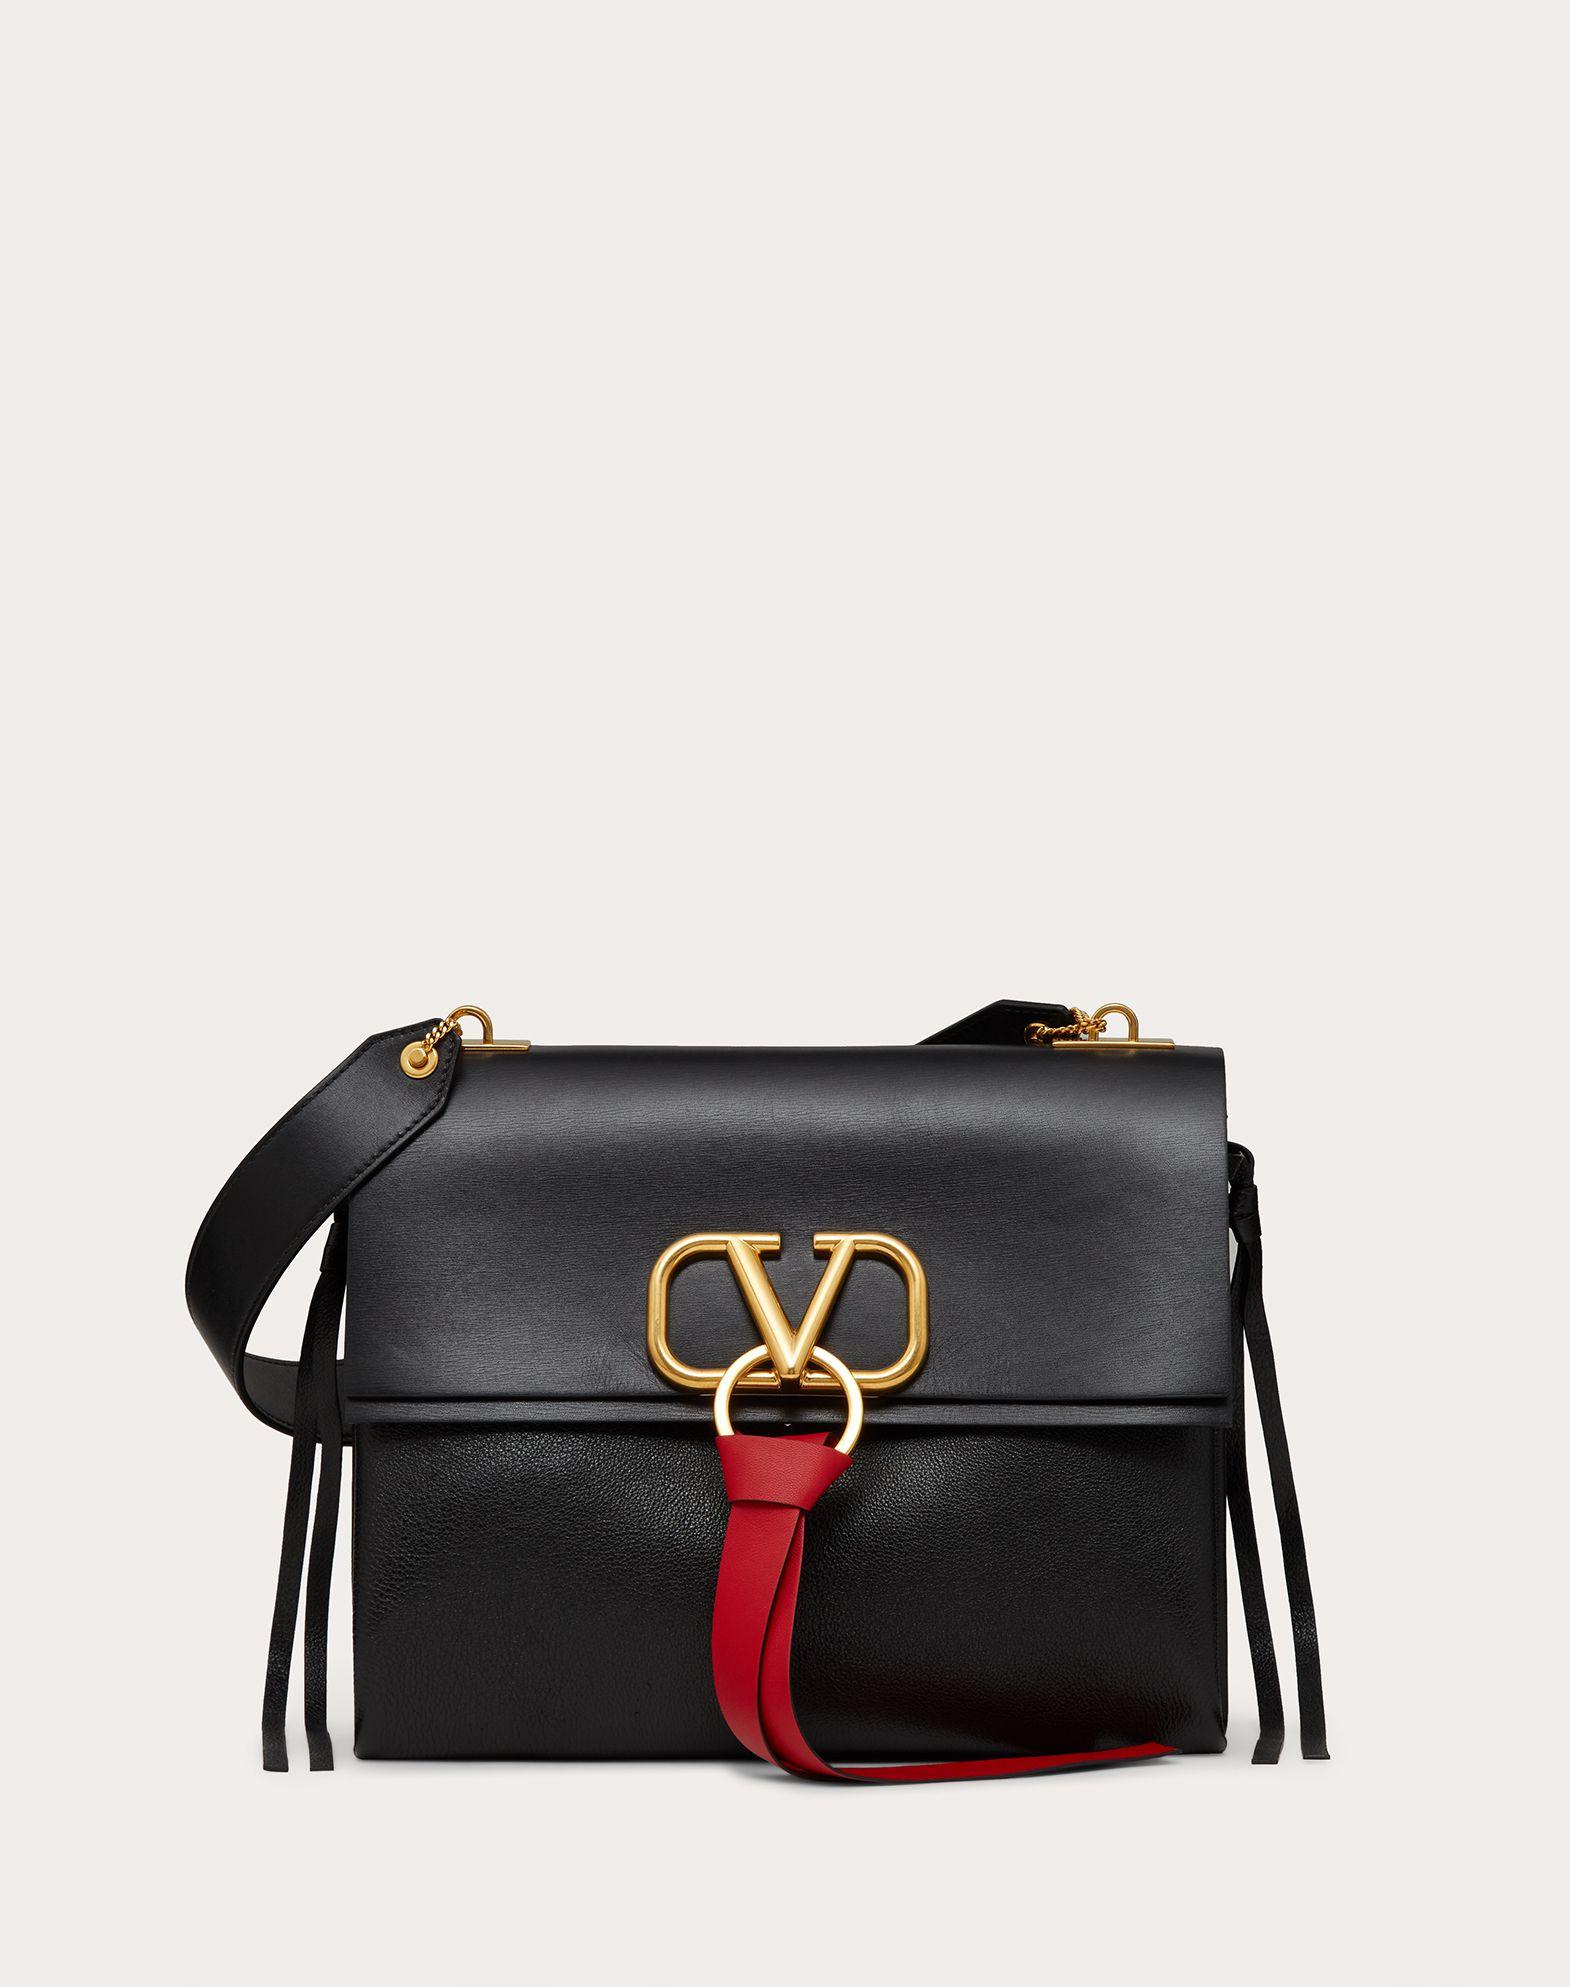 Medium VRing Smooth Calfskin Shoulder Bag